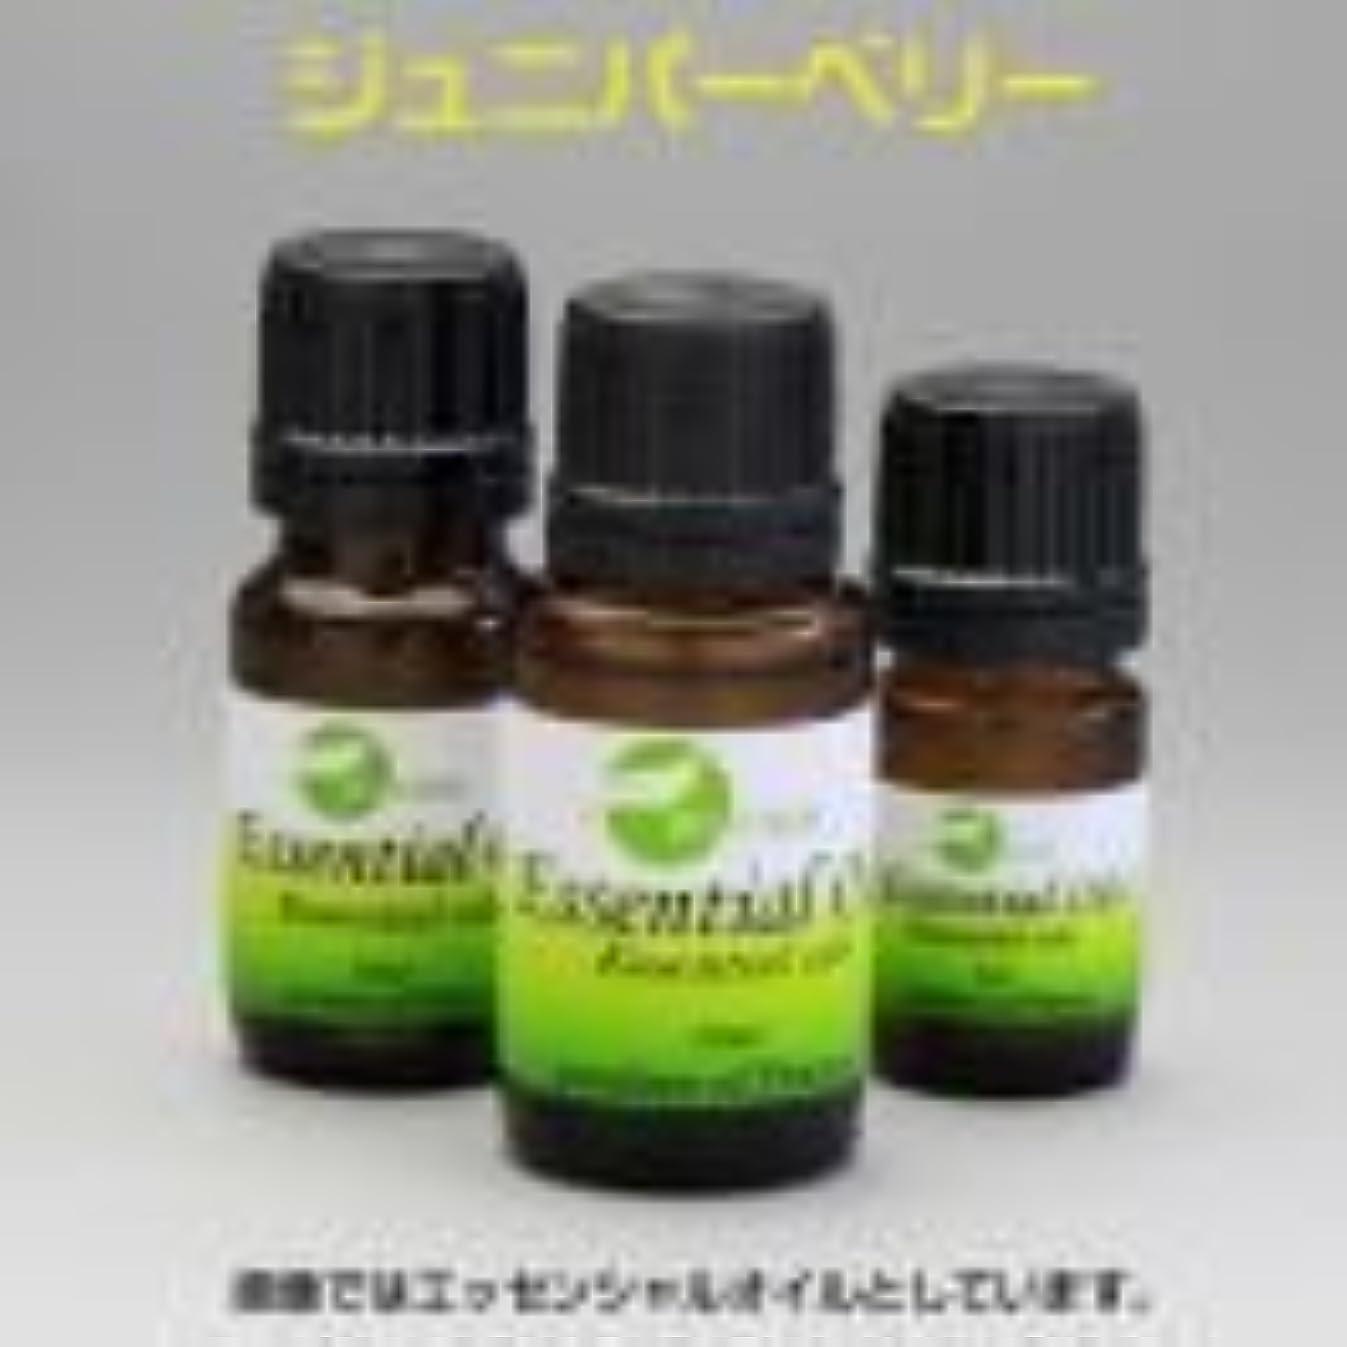 迅速ビザ同僚[エッセンシャルオイル] 松の針葉に似たフレッシュな樹脂の香り ジュニパーベリー 15ml